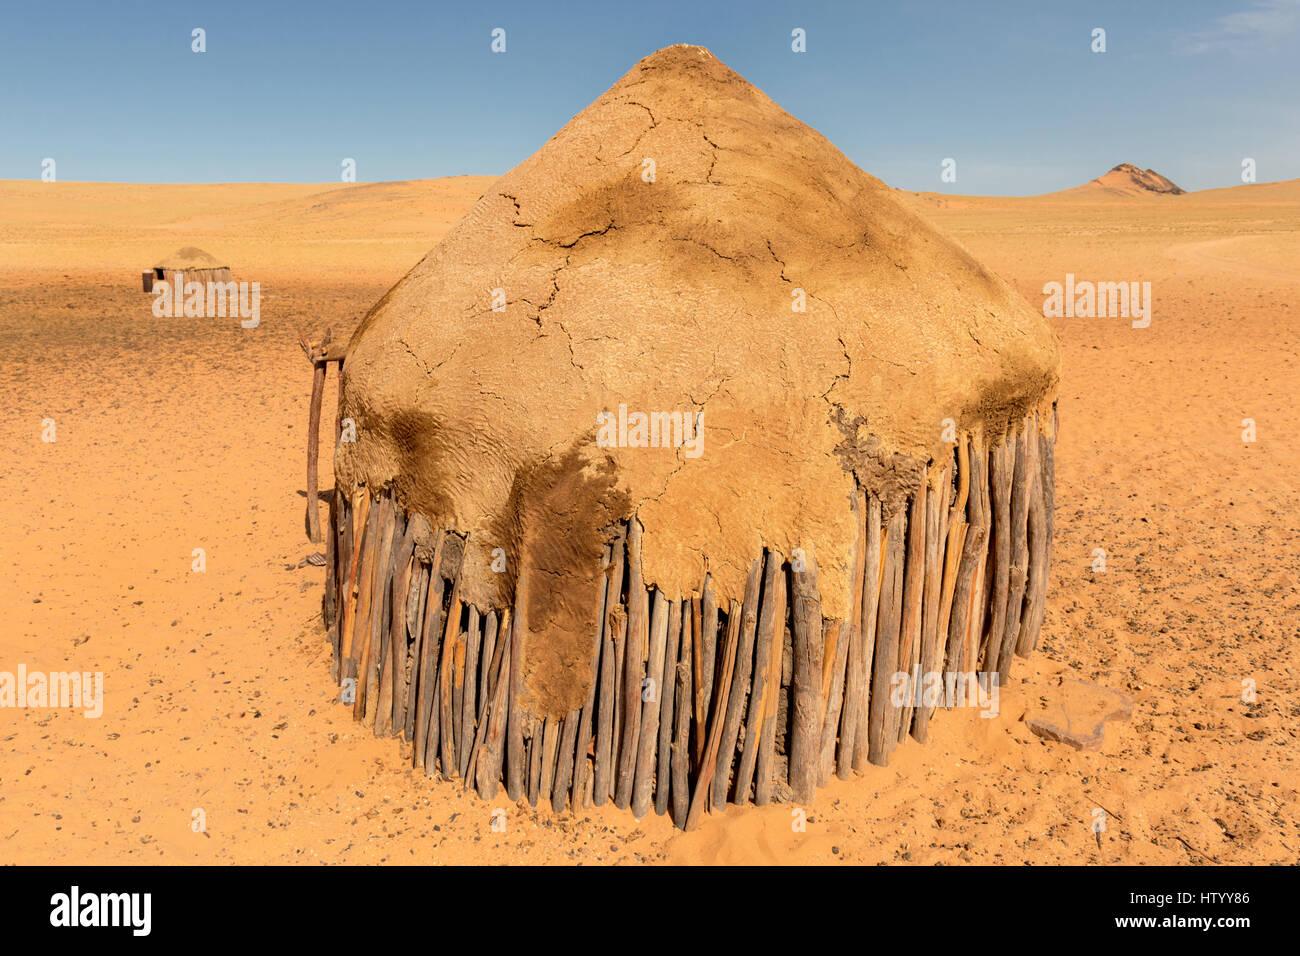 Une habitation hut dans un village Himba dans le désert aride du Kaokoland, Namibie Banque D'Images